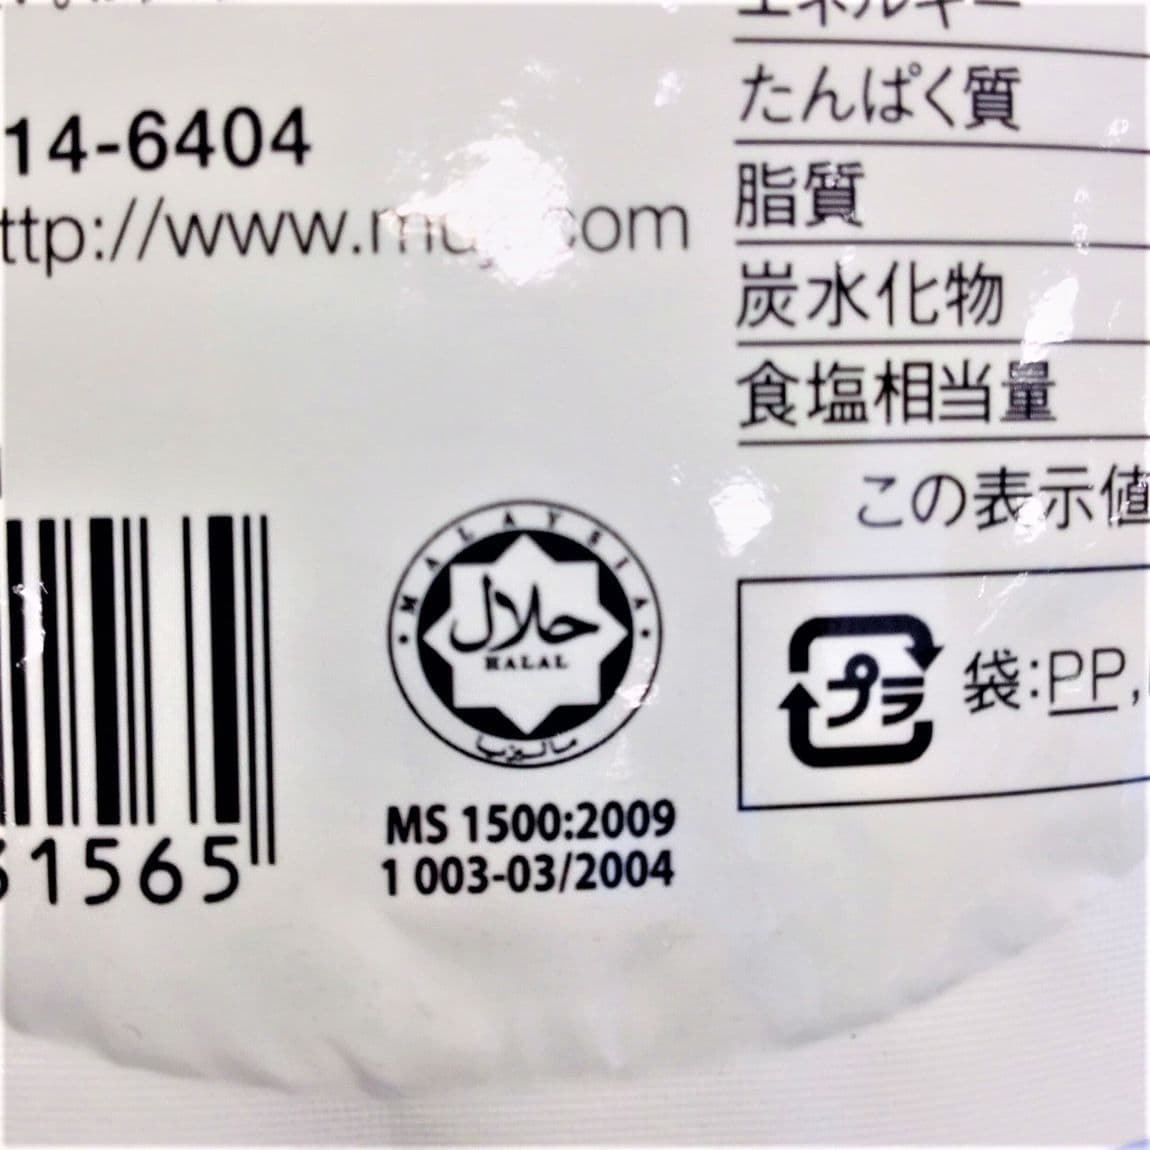 【エミフルMASAKI】暑い時期にこそカレーを食べる。